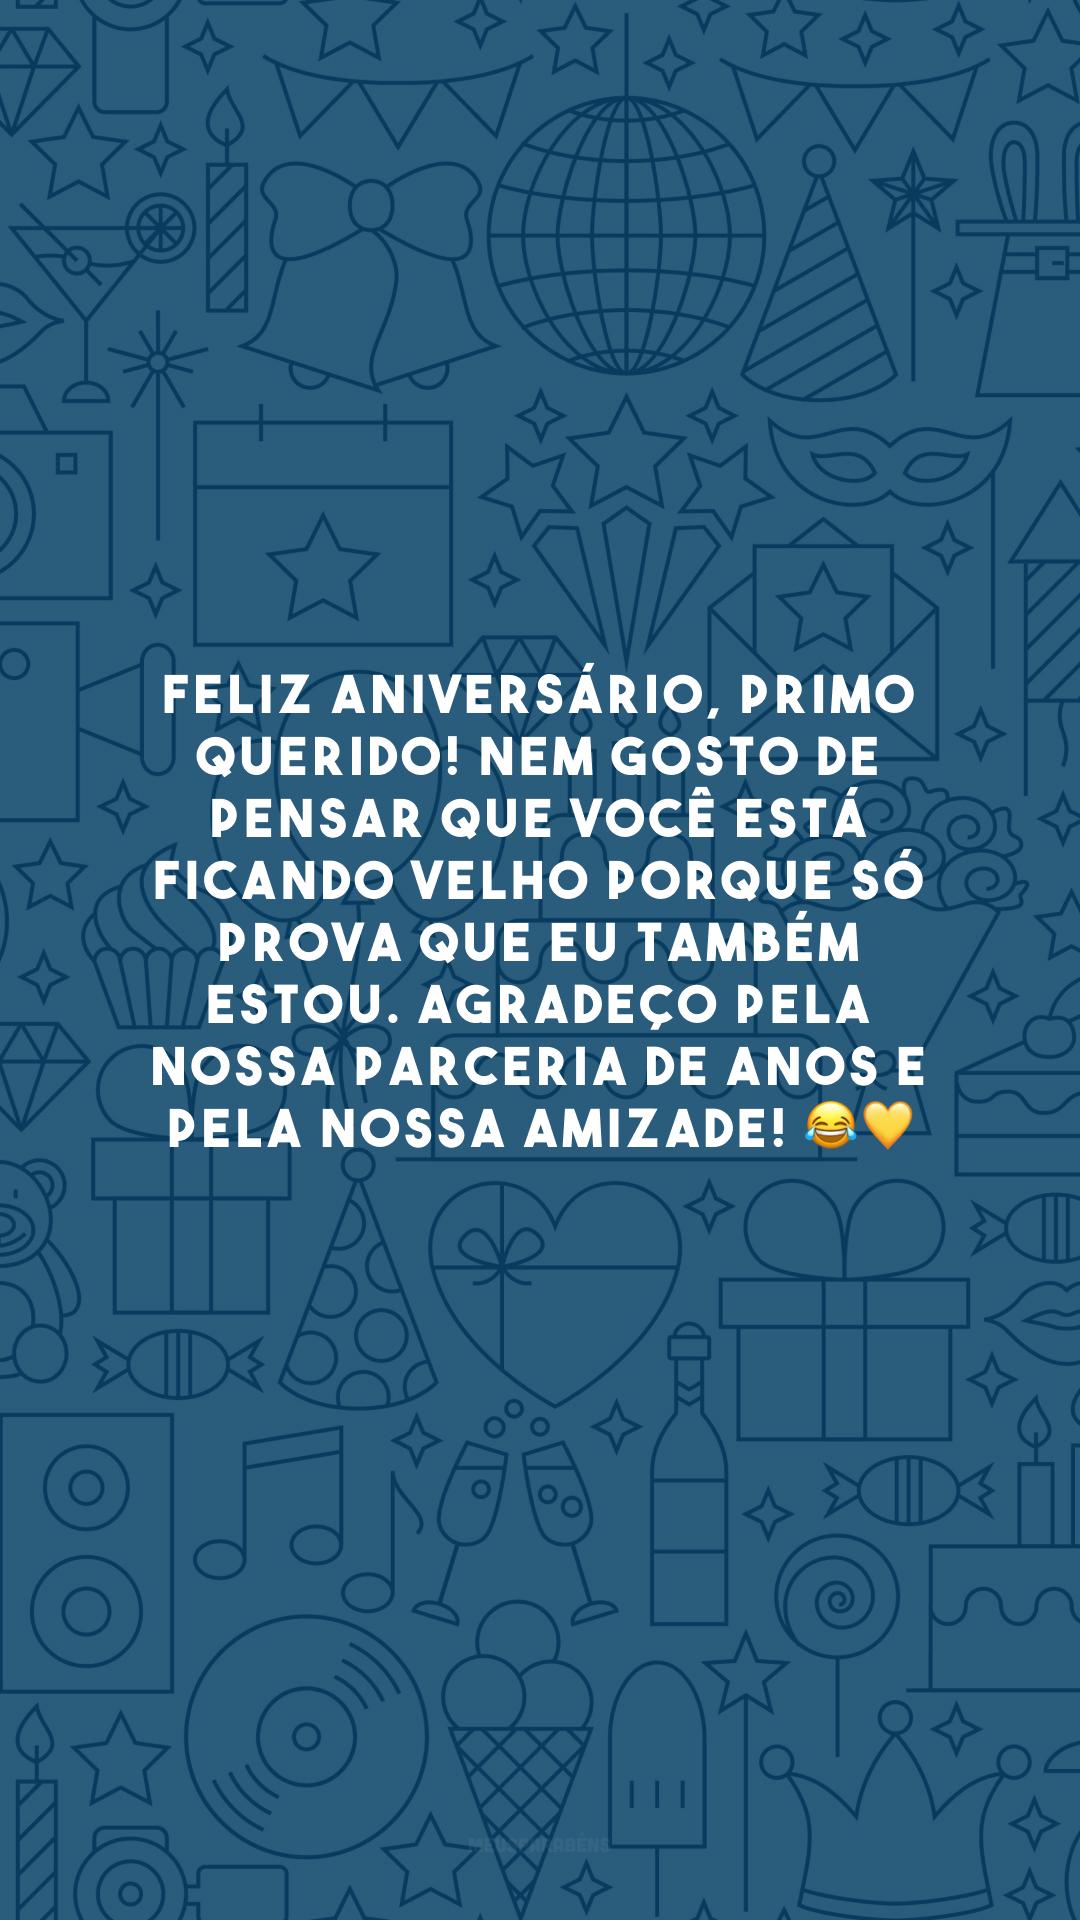 Feliz aniversário, primo querido! Nem gosto de pensar que você está ficando velho porque só prova que eu também estou. Agradeço pela nossa parceria de anos e pela nossa amizade! 😂💛